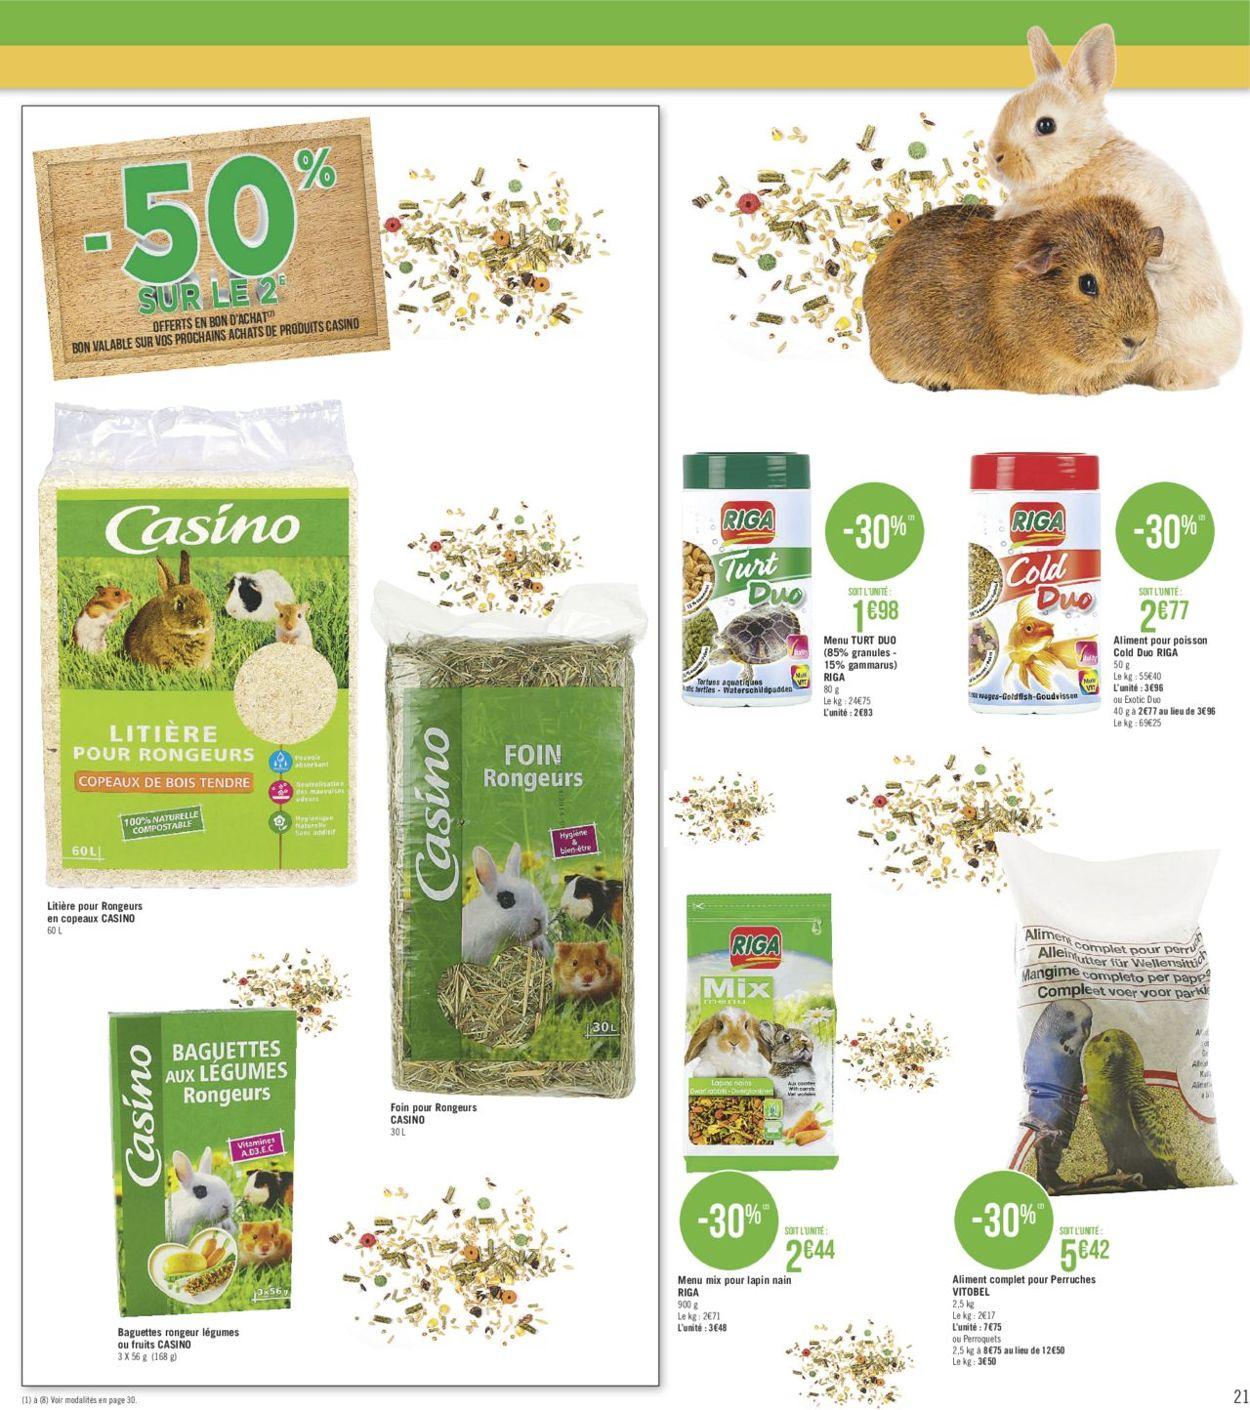 Géant Casino Catalogue - 11.06-23.06.2019 (Page 7)